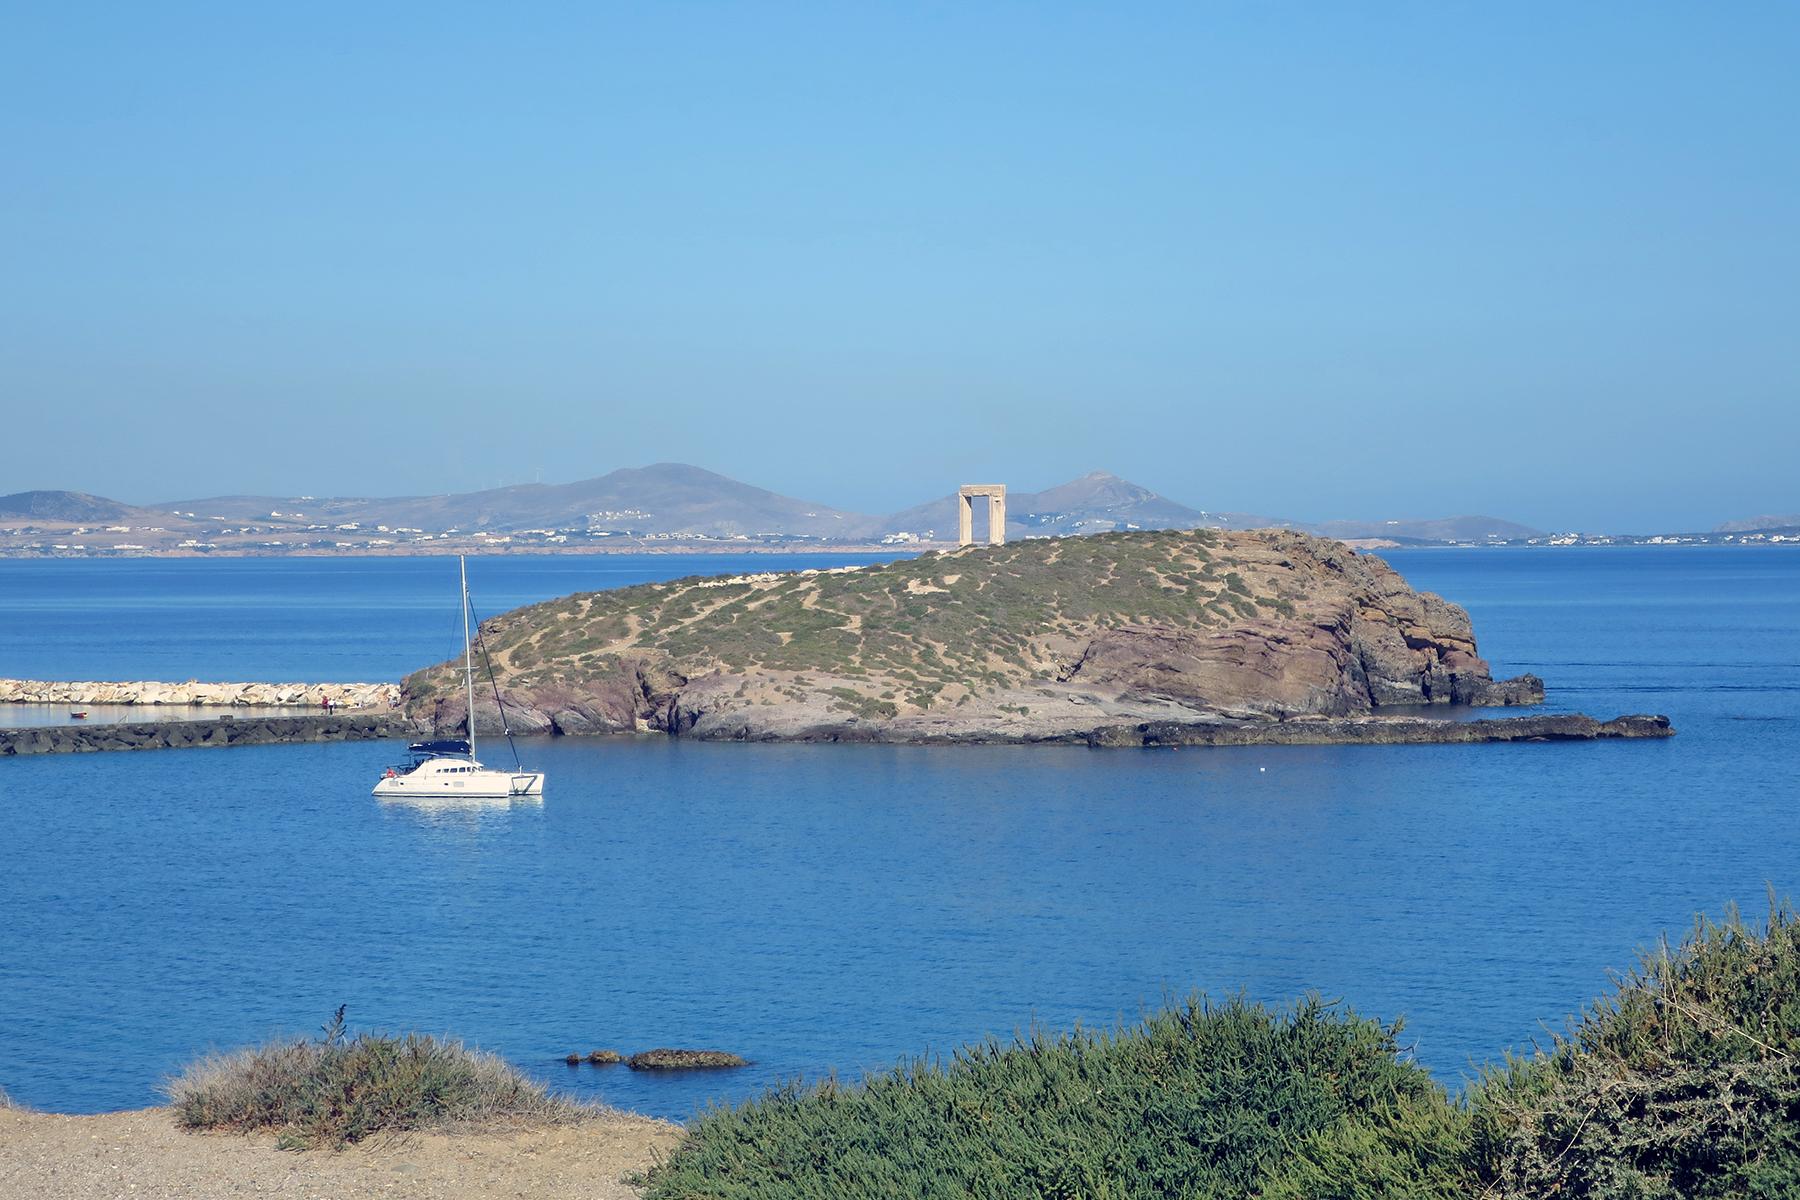 Kykladeninsel Naxos: Urlaub machen, wo Götter einst Geschichten erzählten